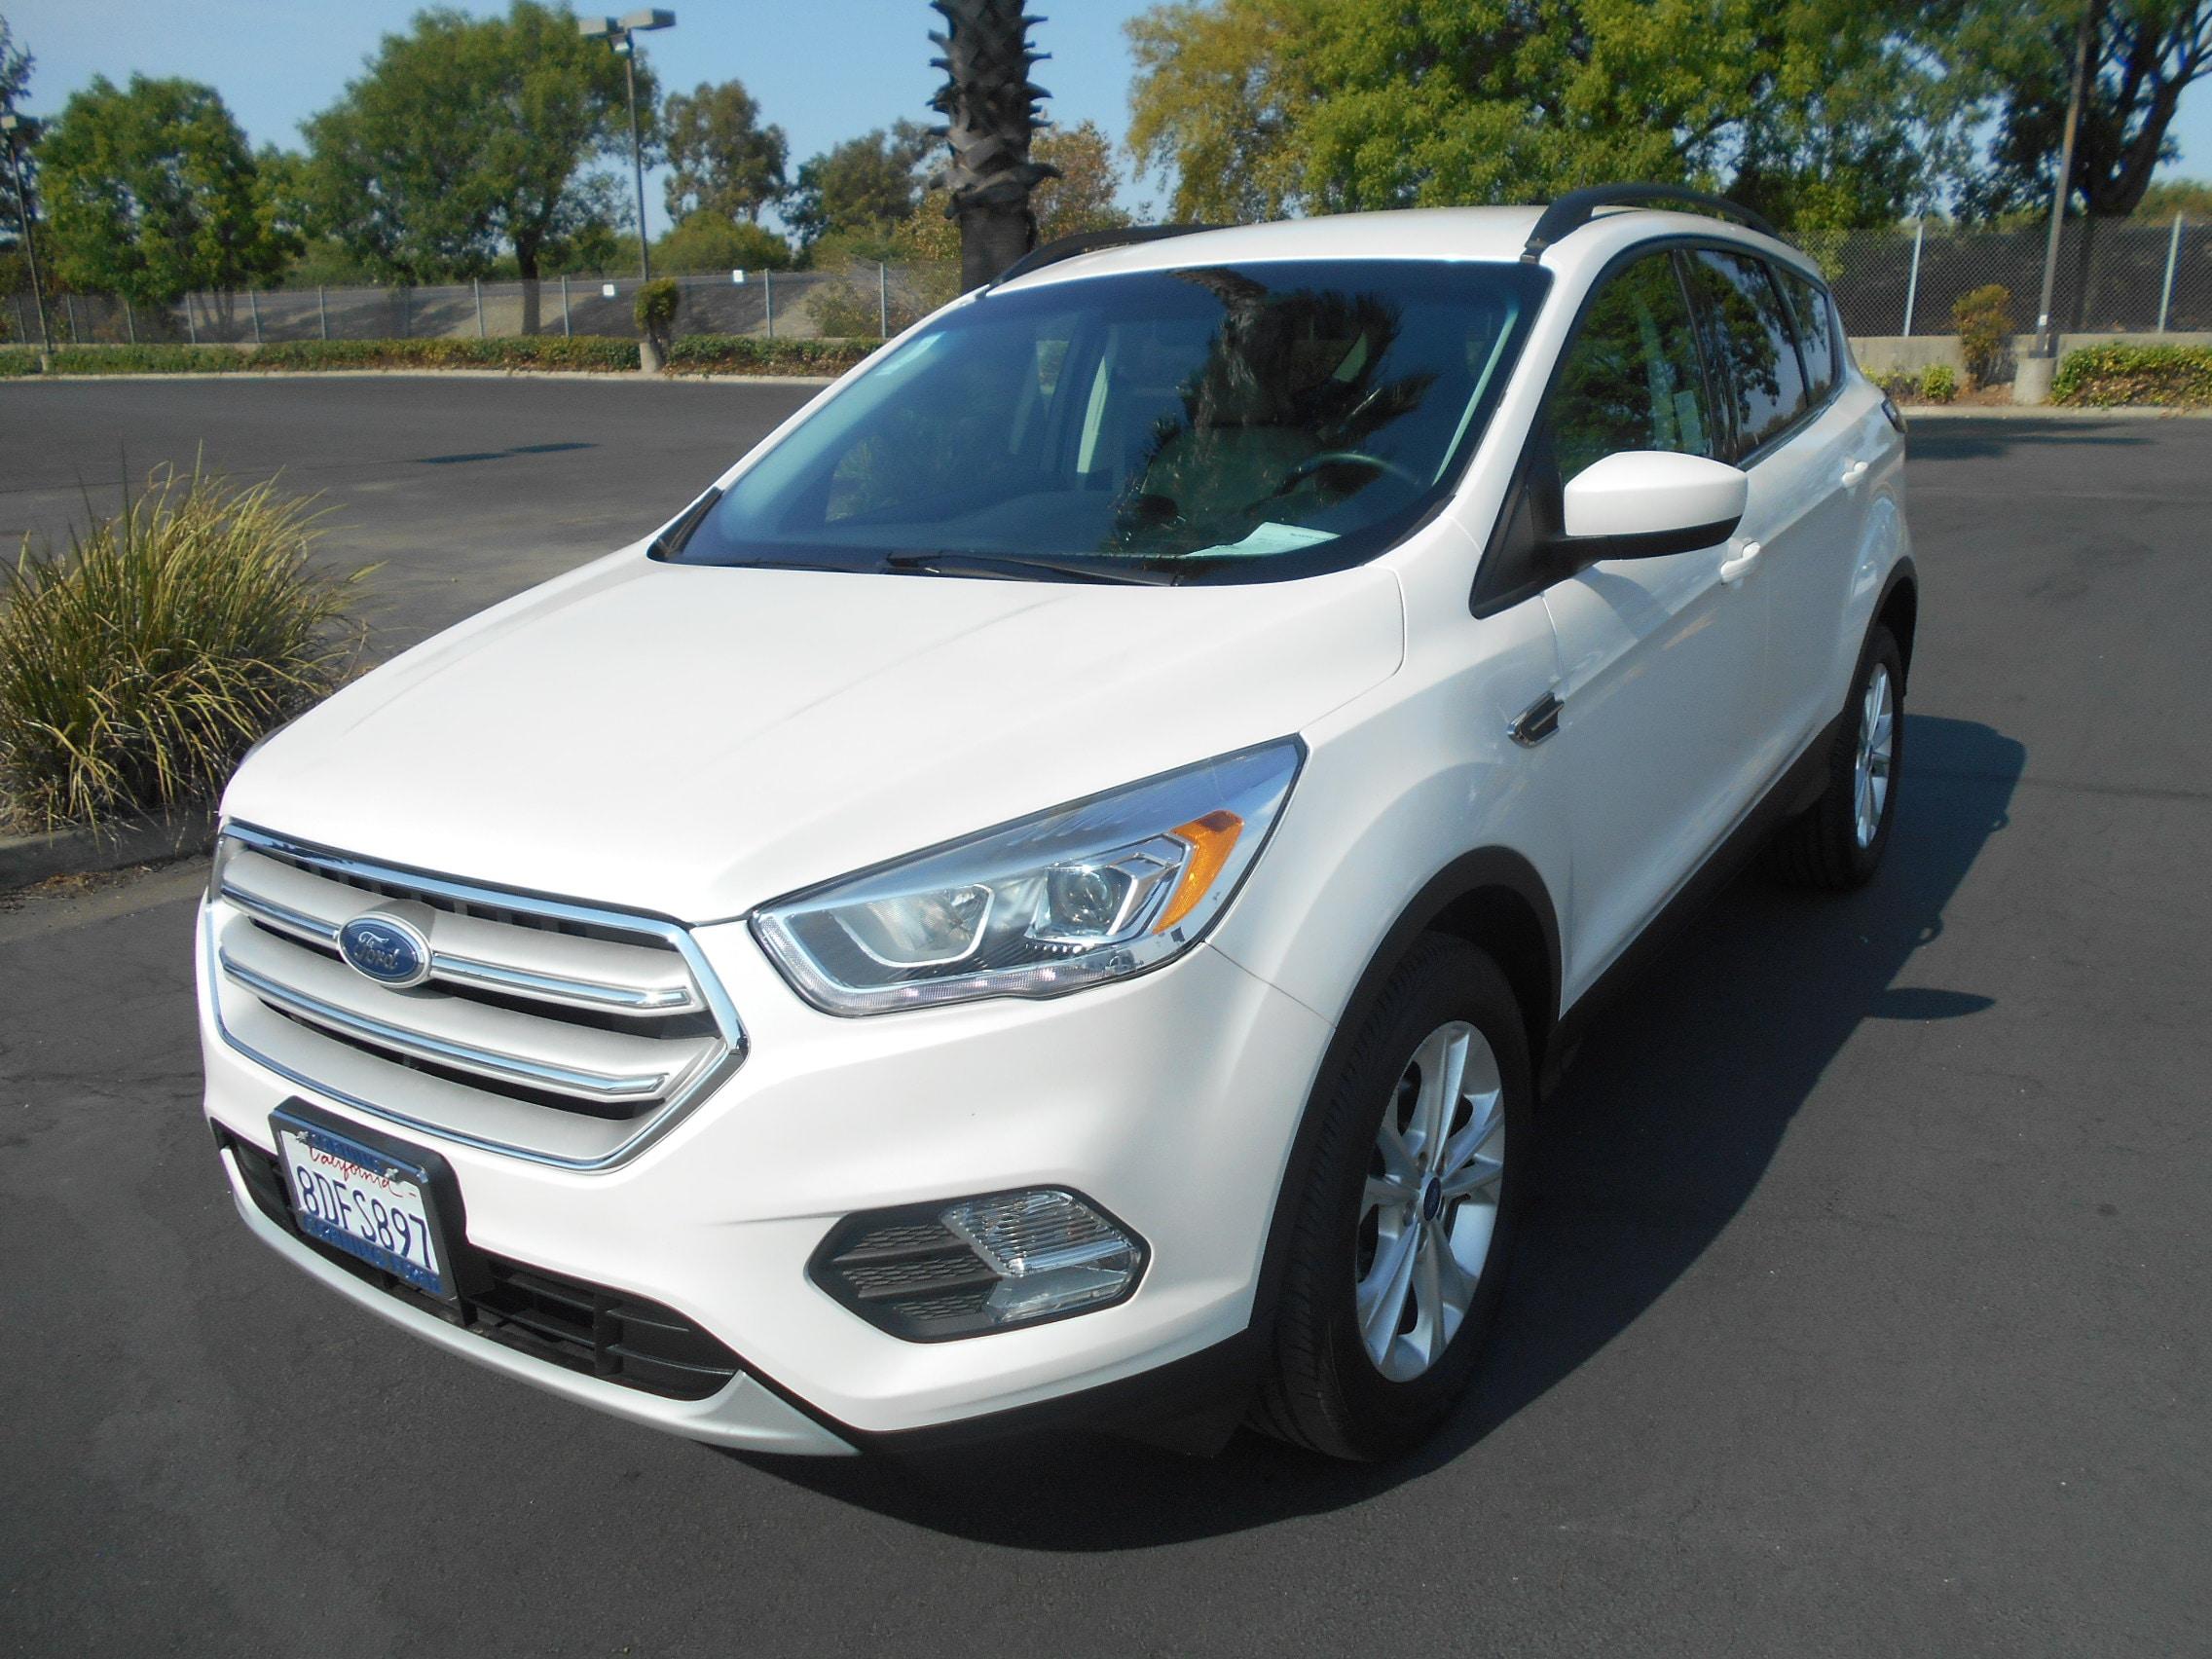 2018 Ford Escape SUV